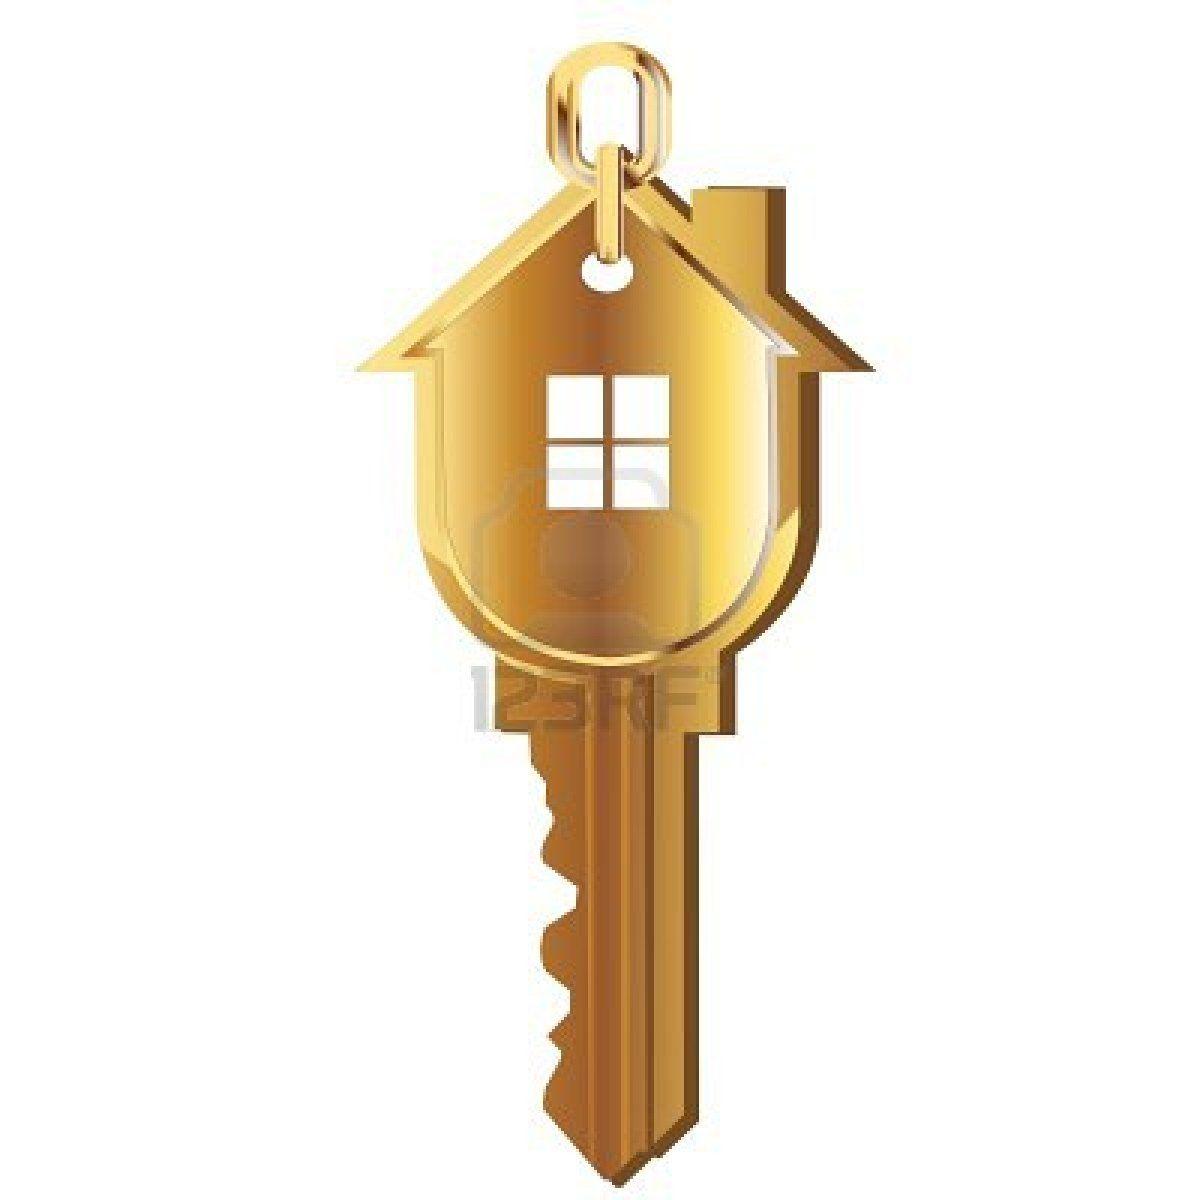 Hausschlüssel gold immobilien logo immobilien pinterest logos